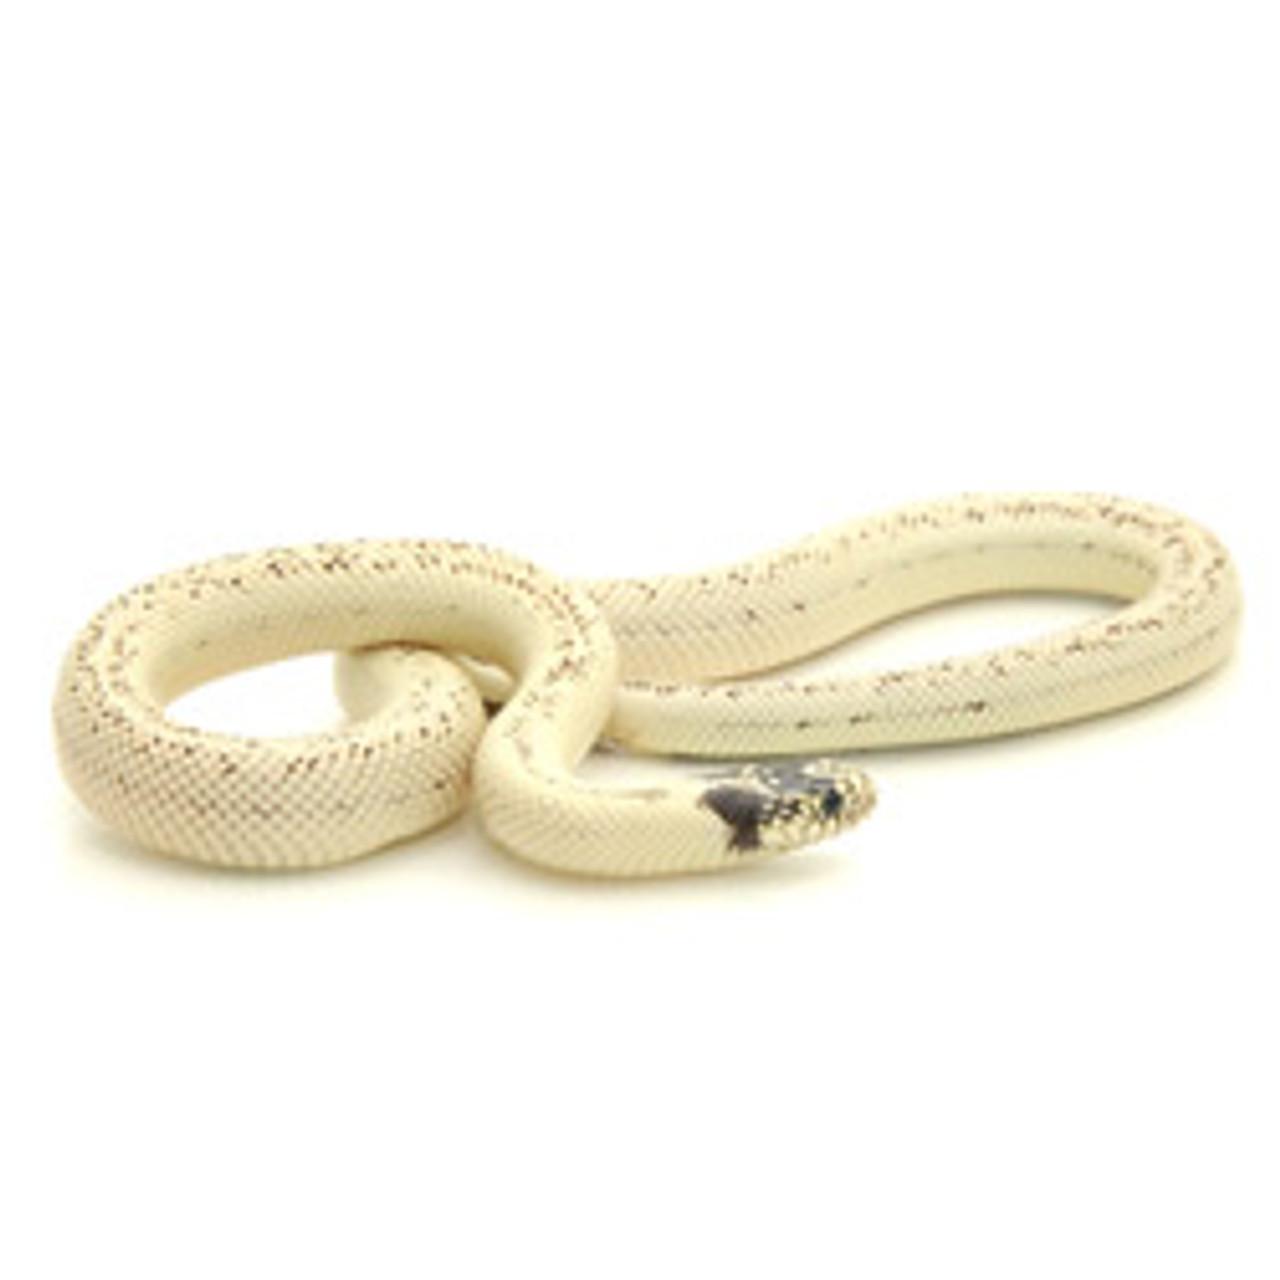 Banana California King Snake (Lampropeltis getula)